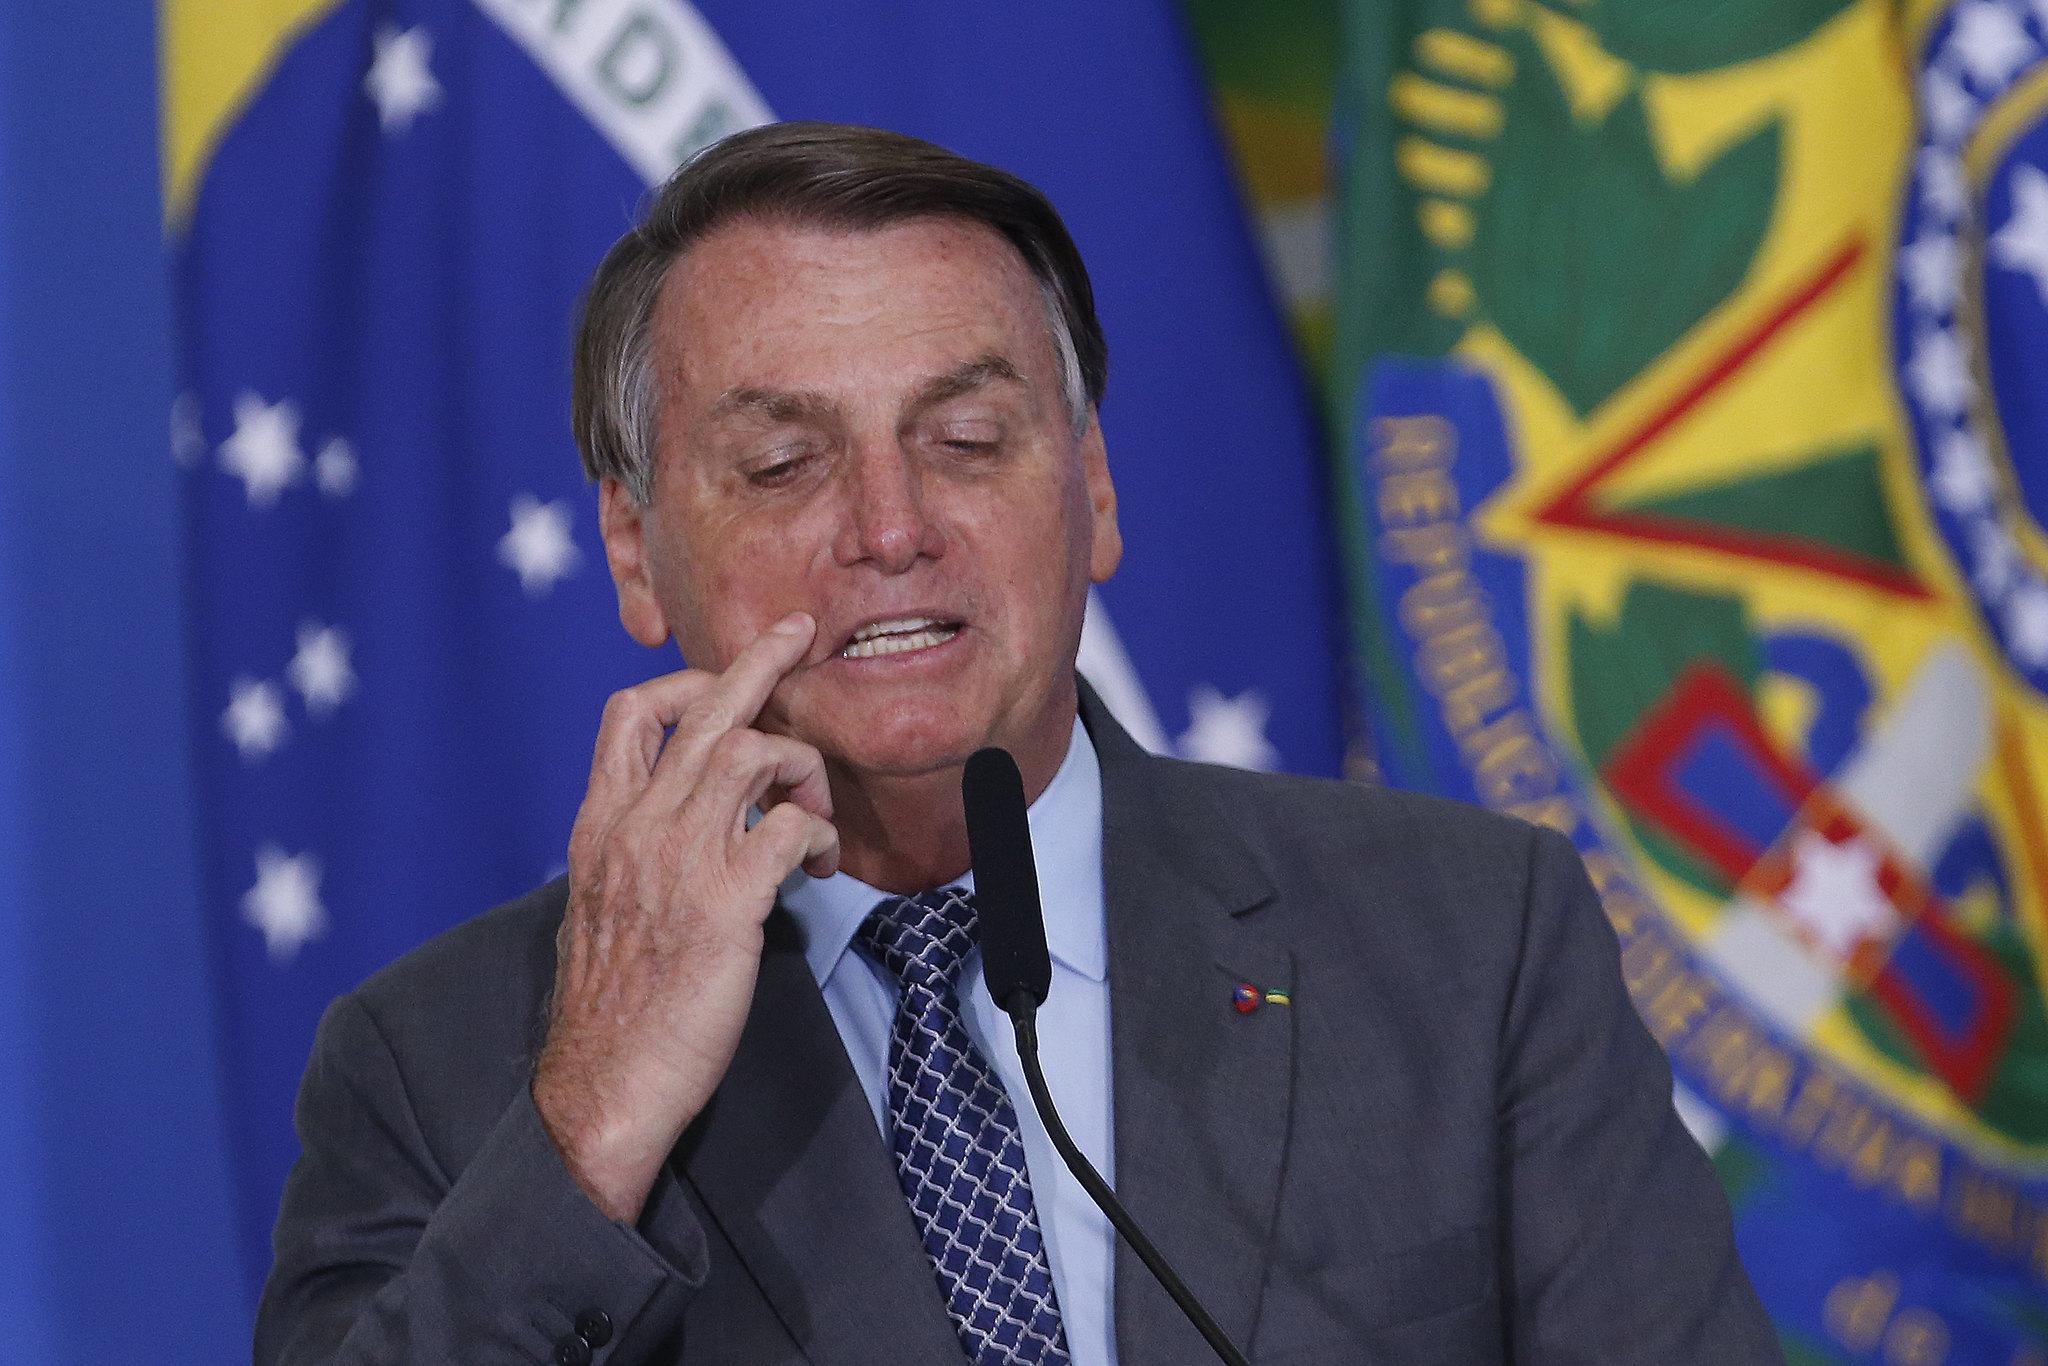 IMAGEM: Sem provas, Bolsonaro diz que eleições de 2014 foram fraudadas